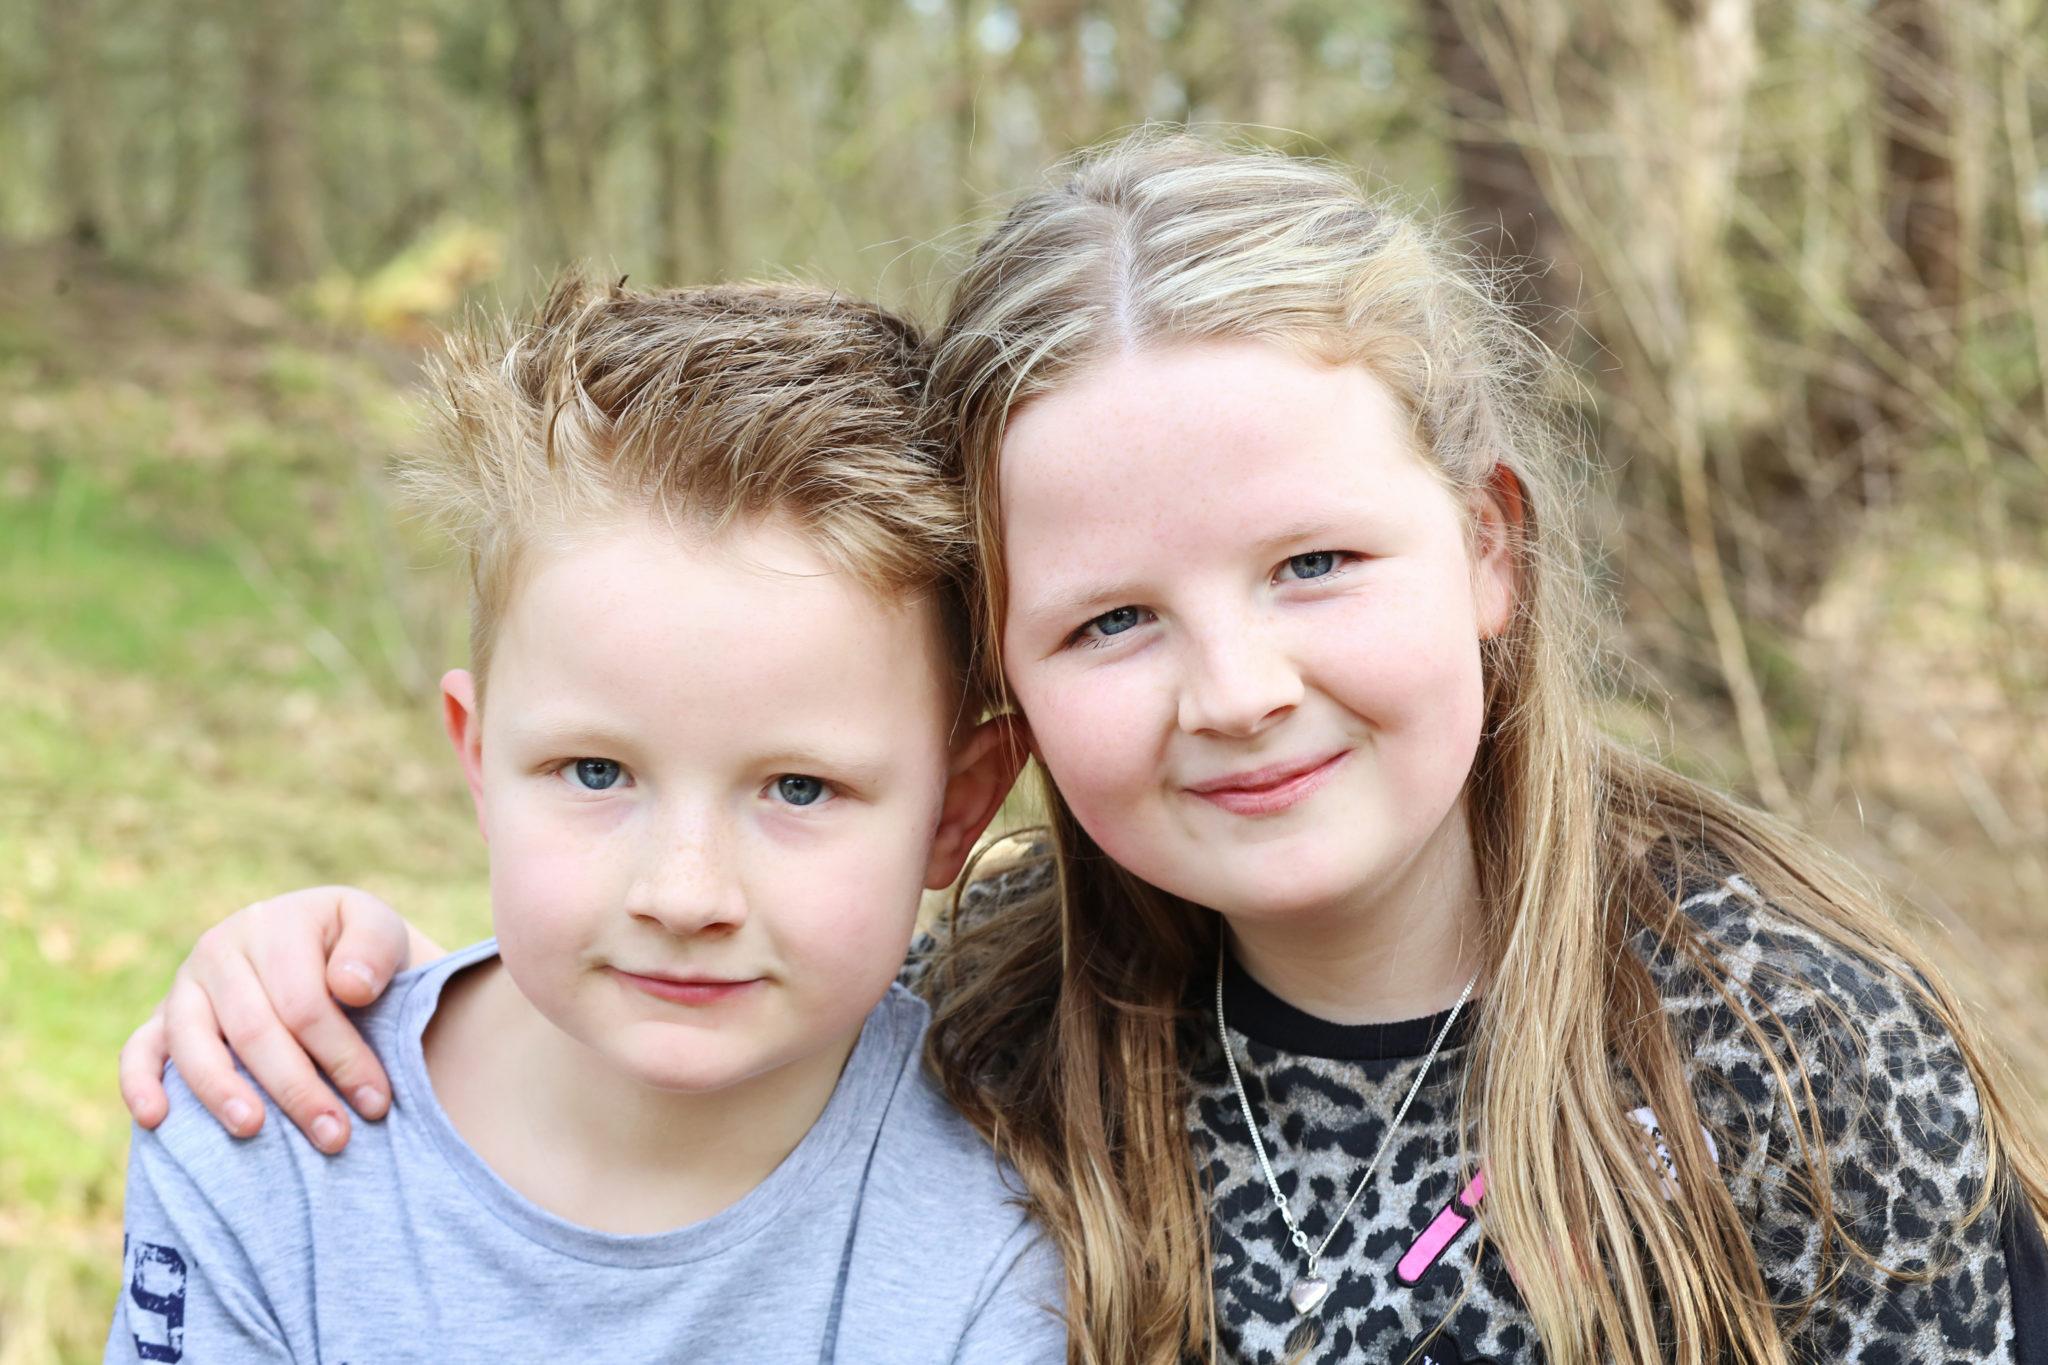 Kidsfotografie-Suus' FotoSjop - Oldenzaal - Hengelo - Enschede